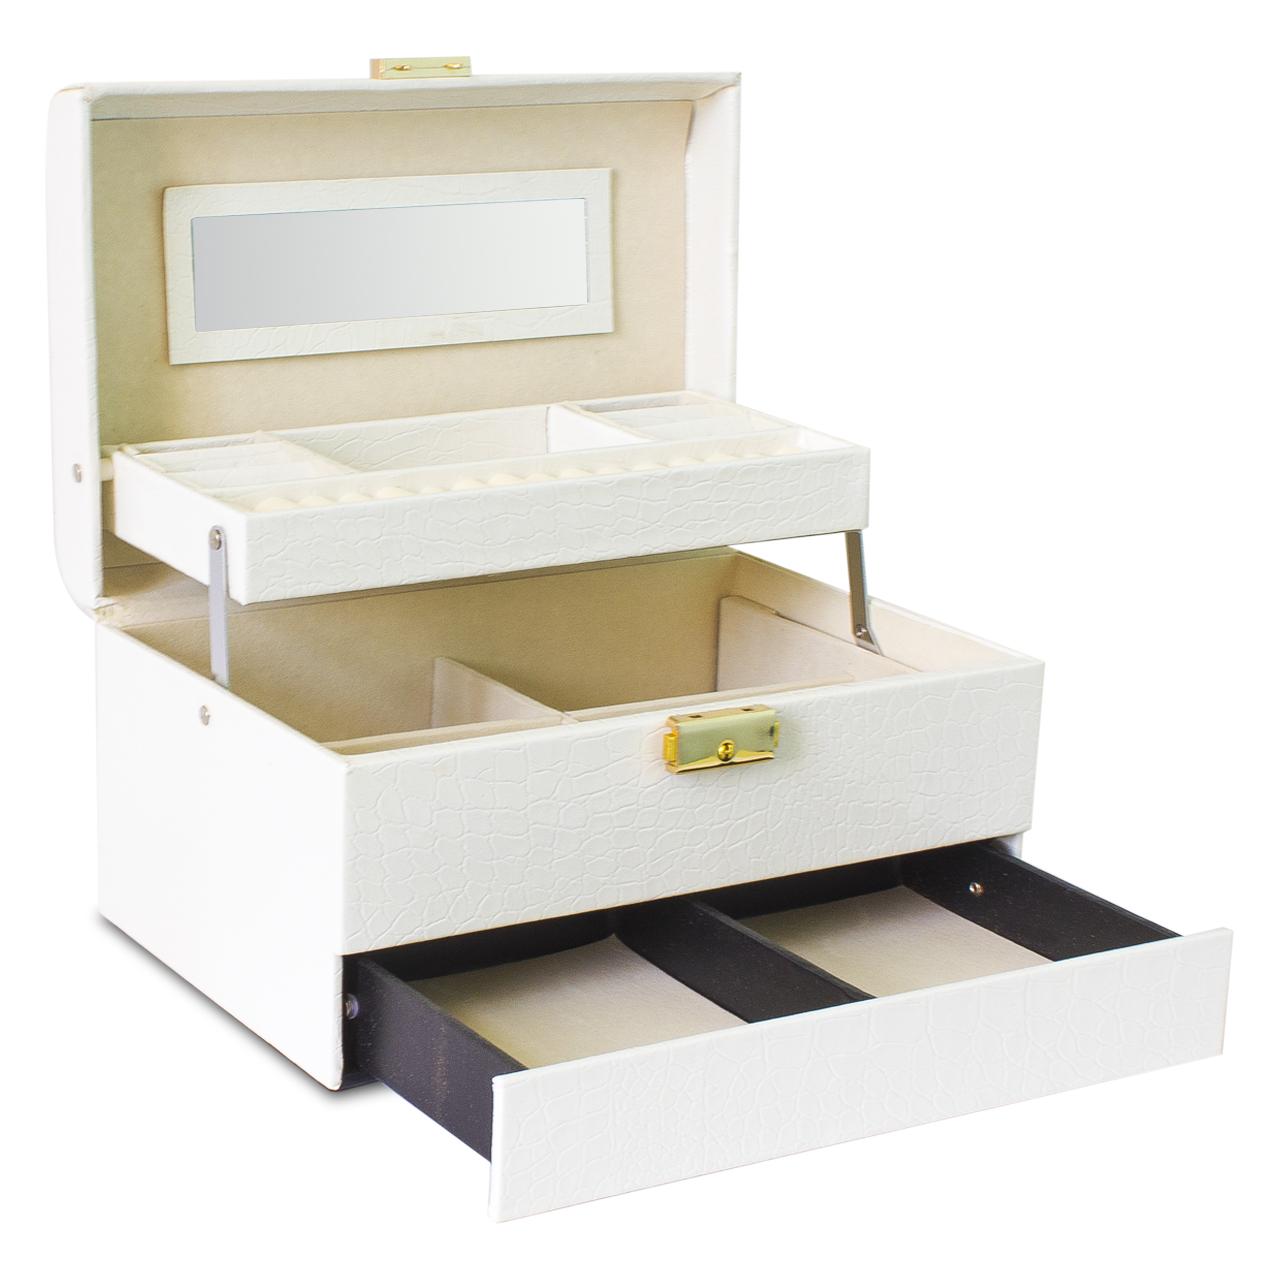 قیمت جعبه لوازم آرایش و زیورآلات مدل B104